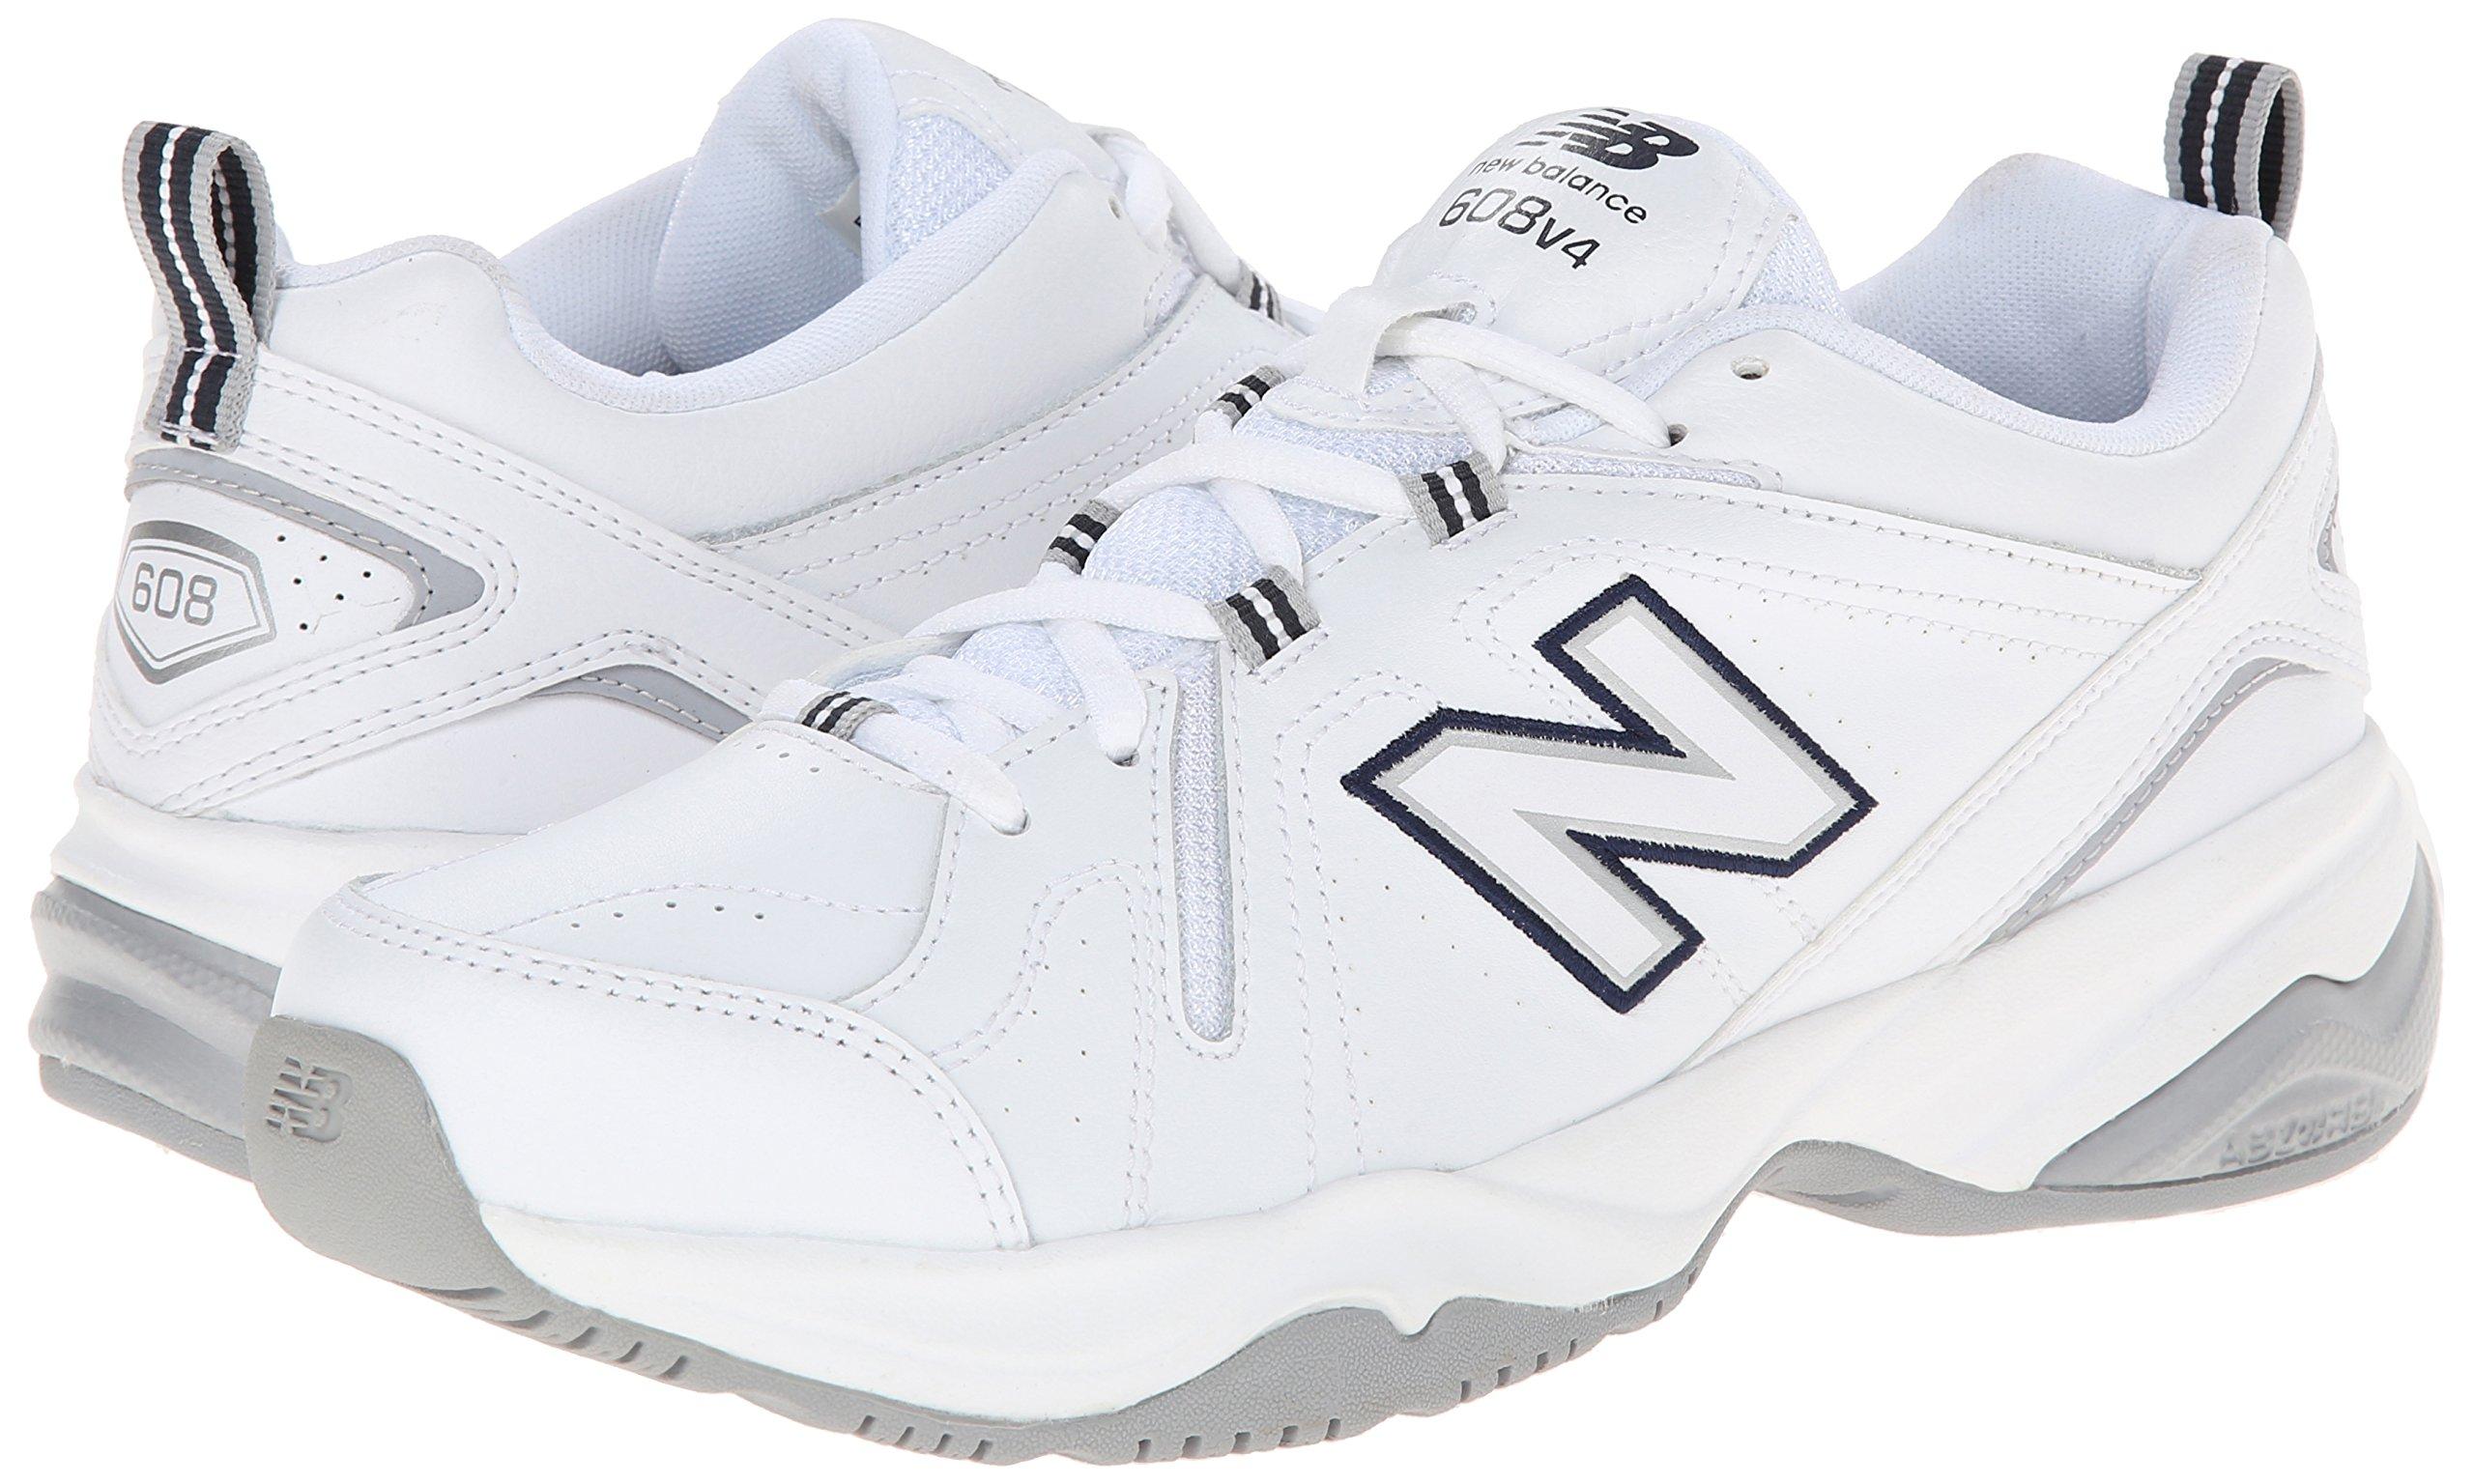 New Balance Women's WX608v4 Training Shoe, White/Navy, 8.5 D US by New Balance (Image #6)